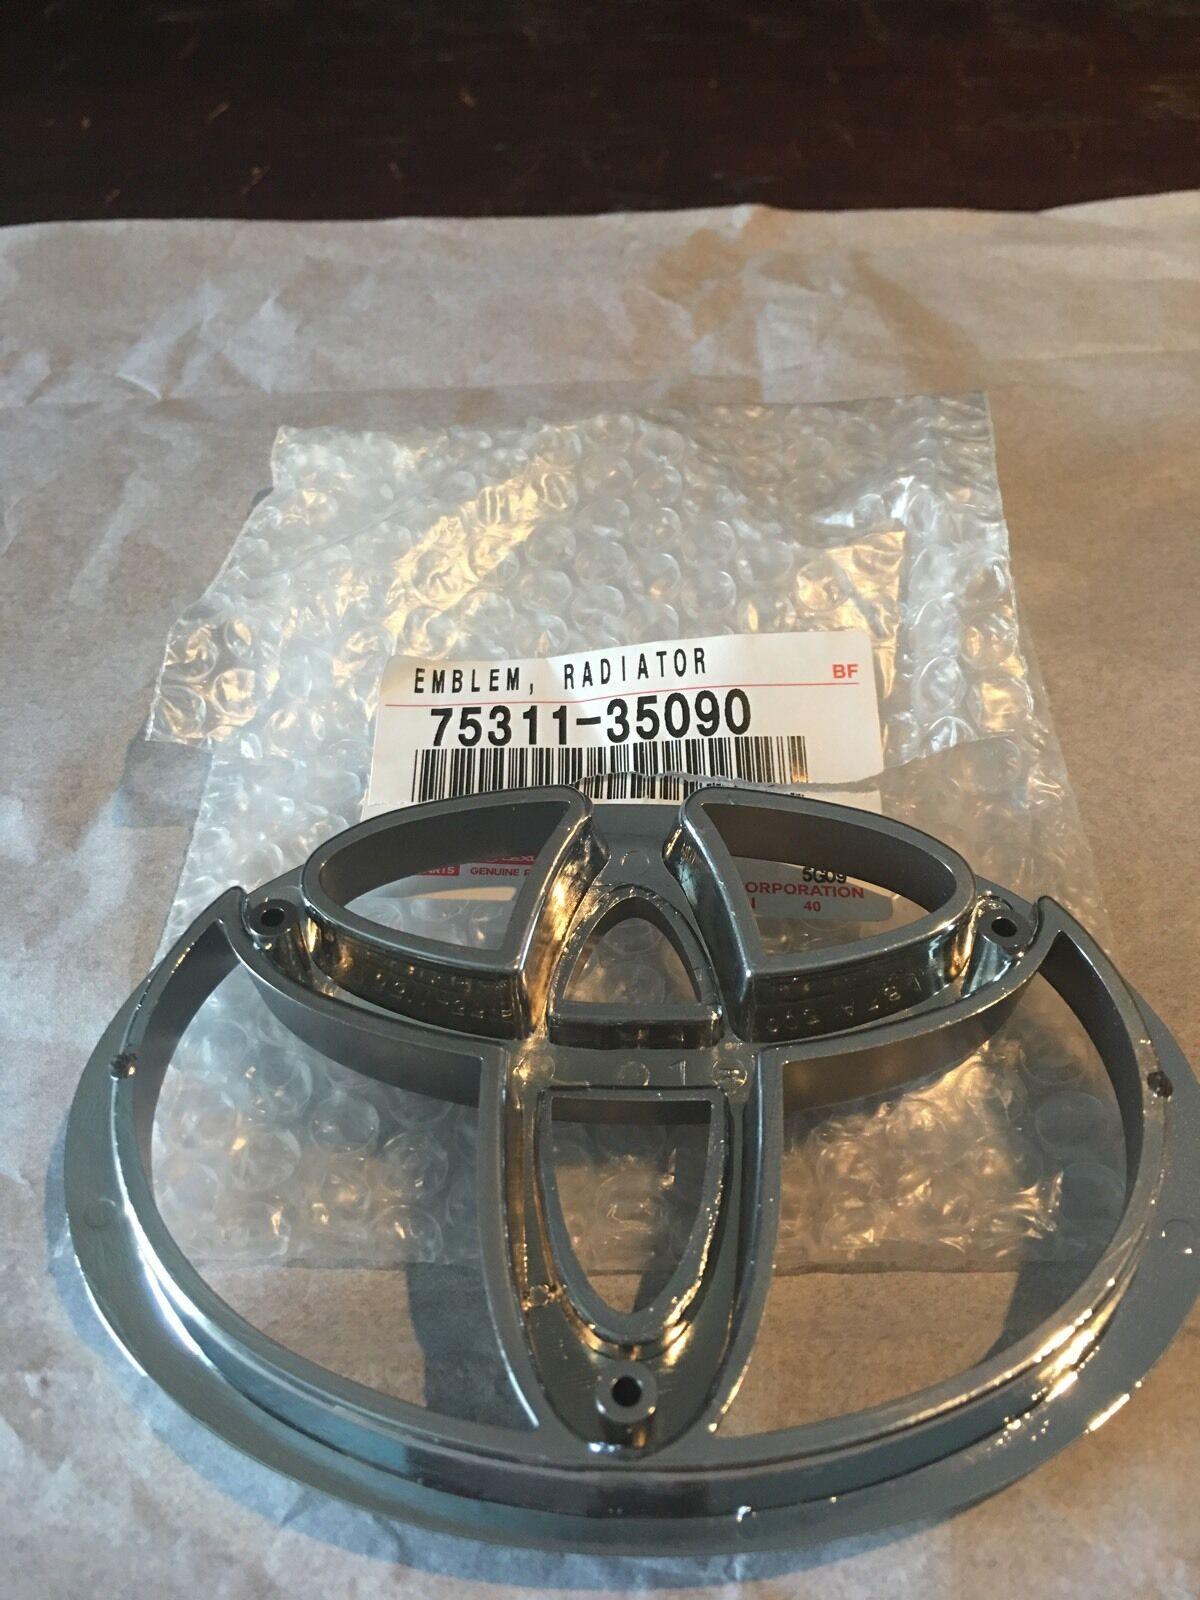 GENUINE FRONT GRILLE EMBLEM TOYOTA TACOMA 1995 OEM 7531135090 BADGE 04020